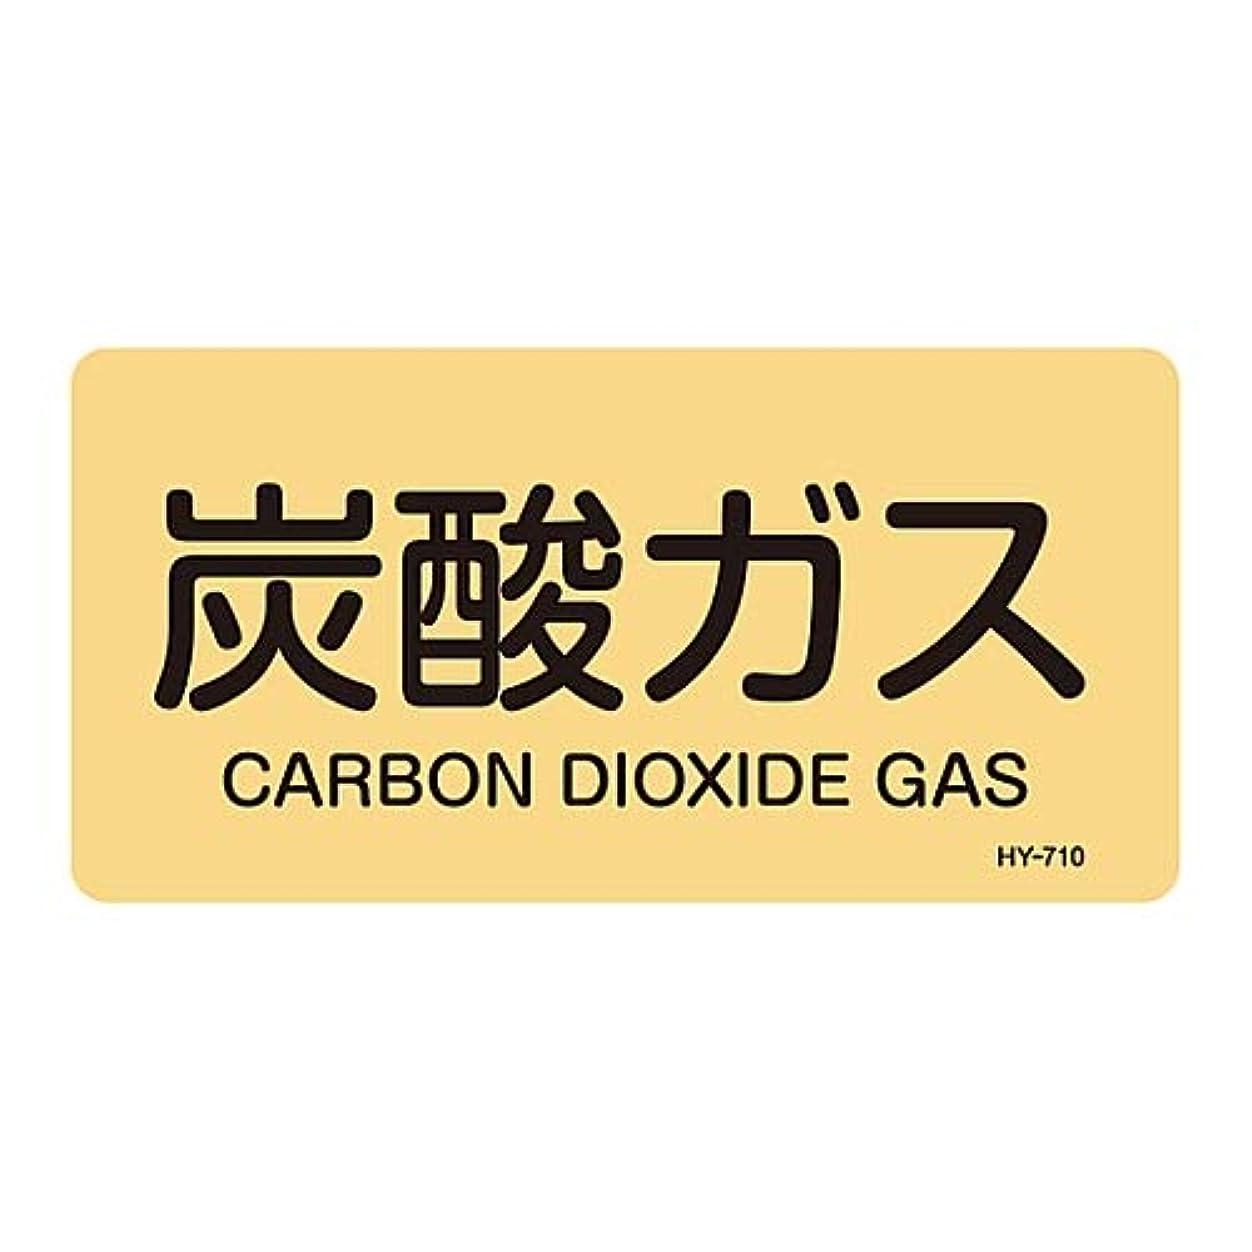 手錠一杯メトリックJIS配管識別明示ステッカー<ヨコタイプ> 「炭酸ガス」 HY-710L/61-3405-08